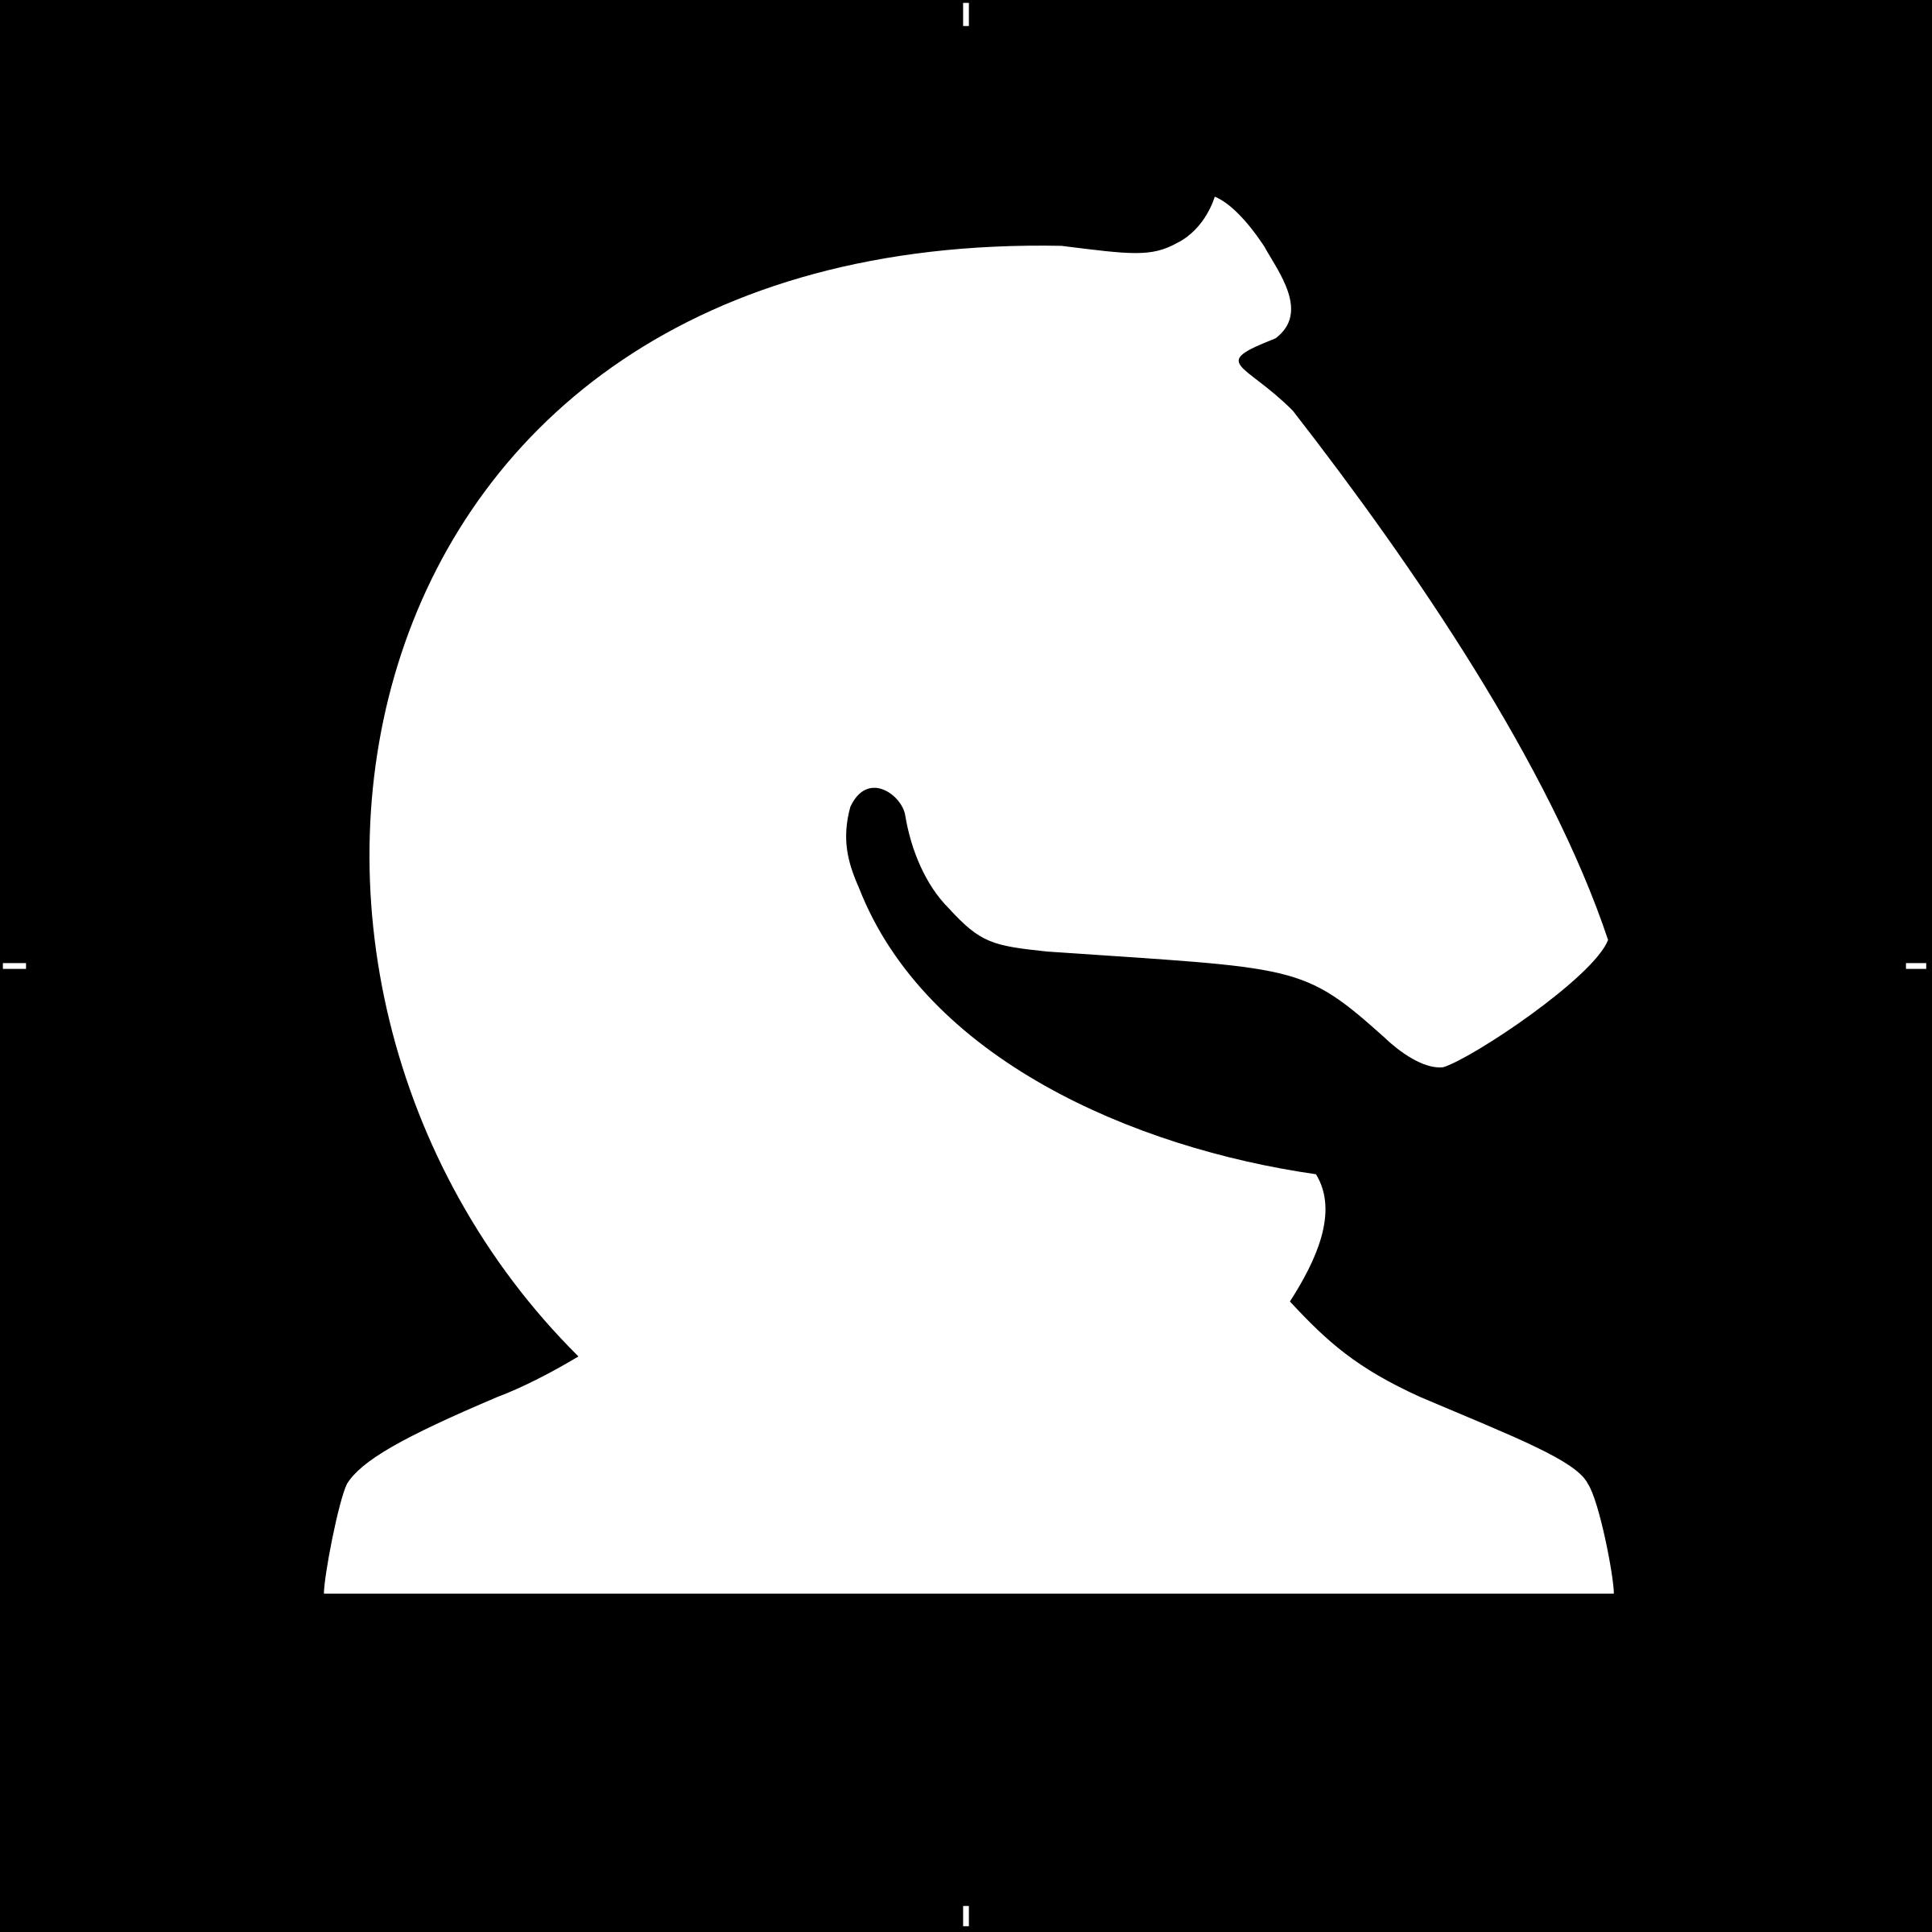 Knight clipart clipart chess. Piece symbol white caballo